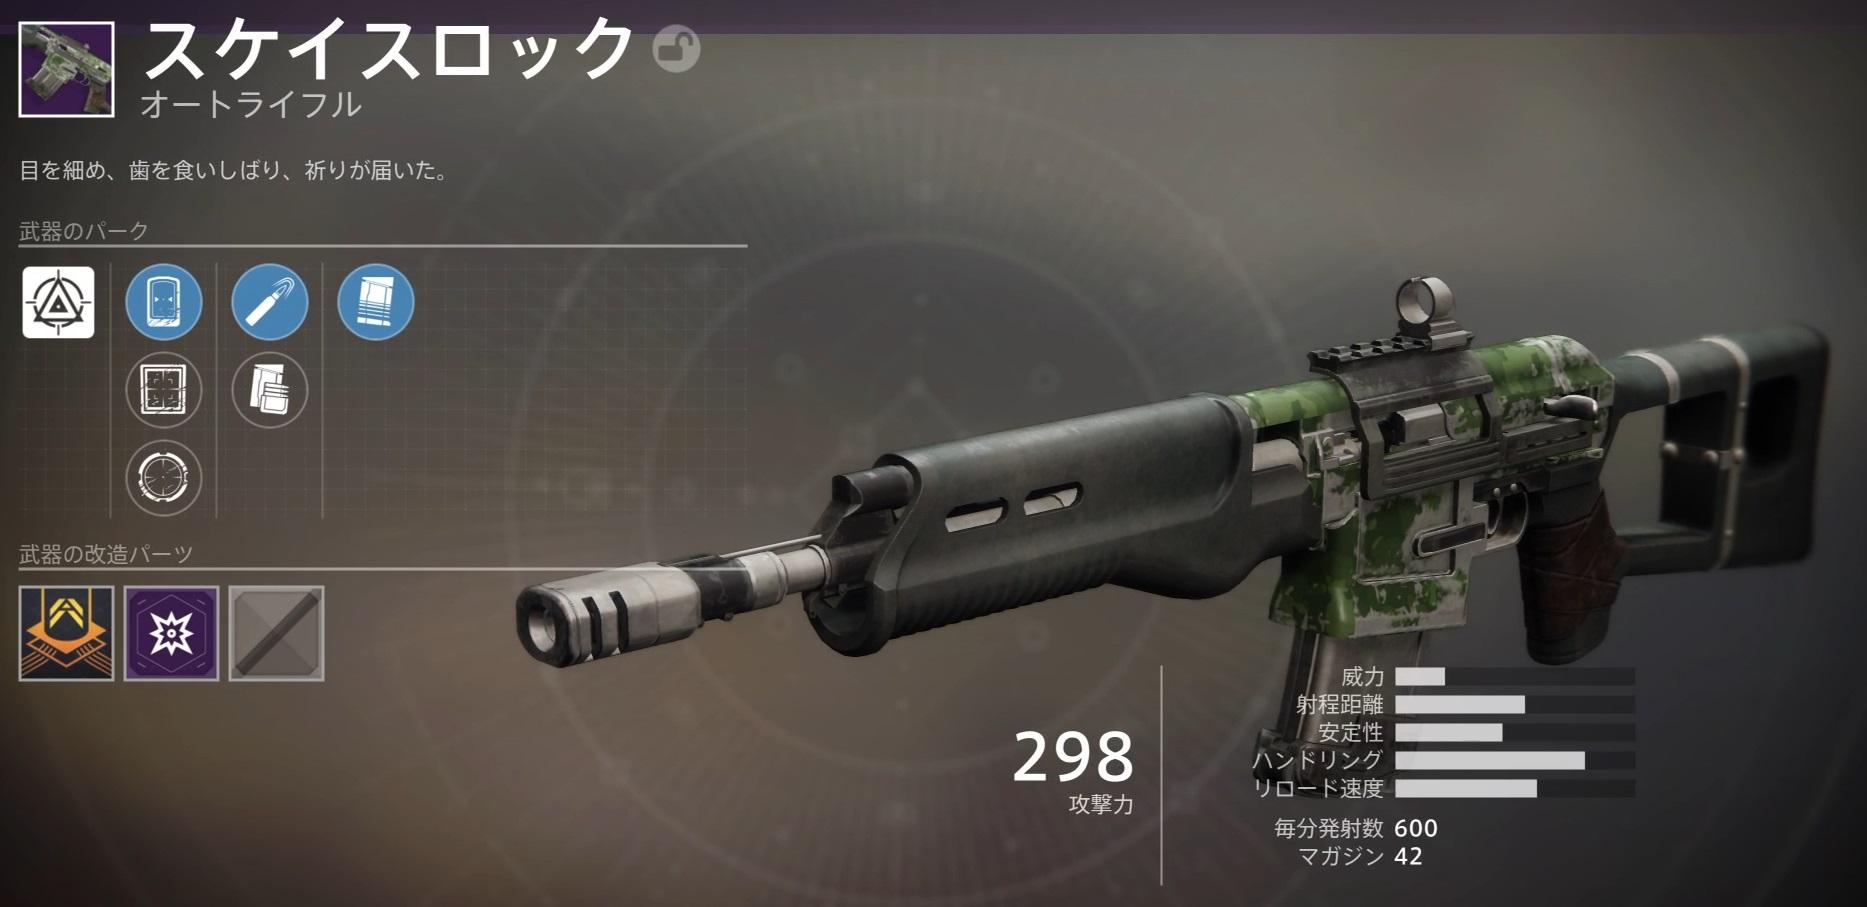 フォール 2 武器 タイタン